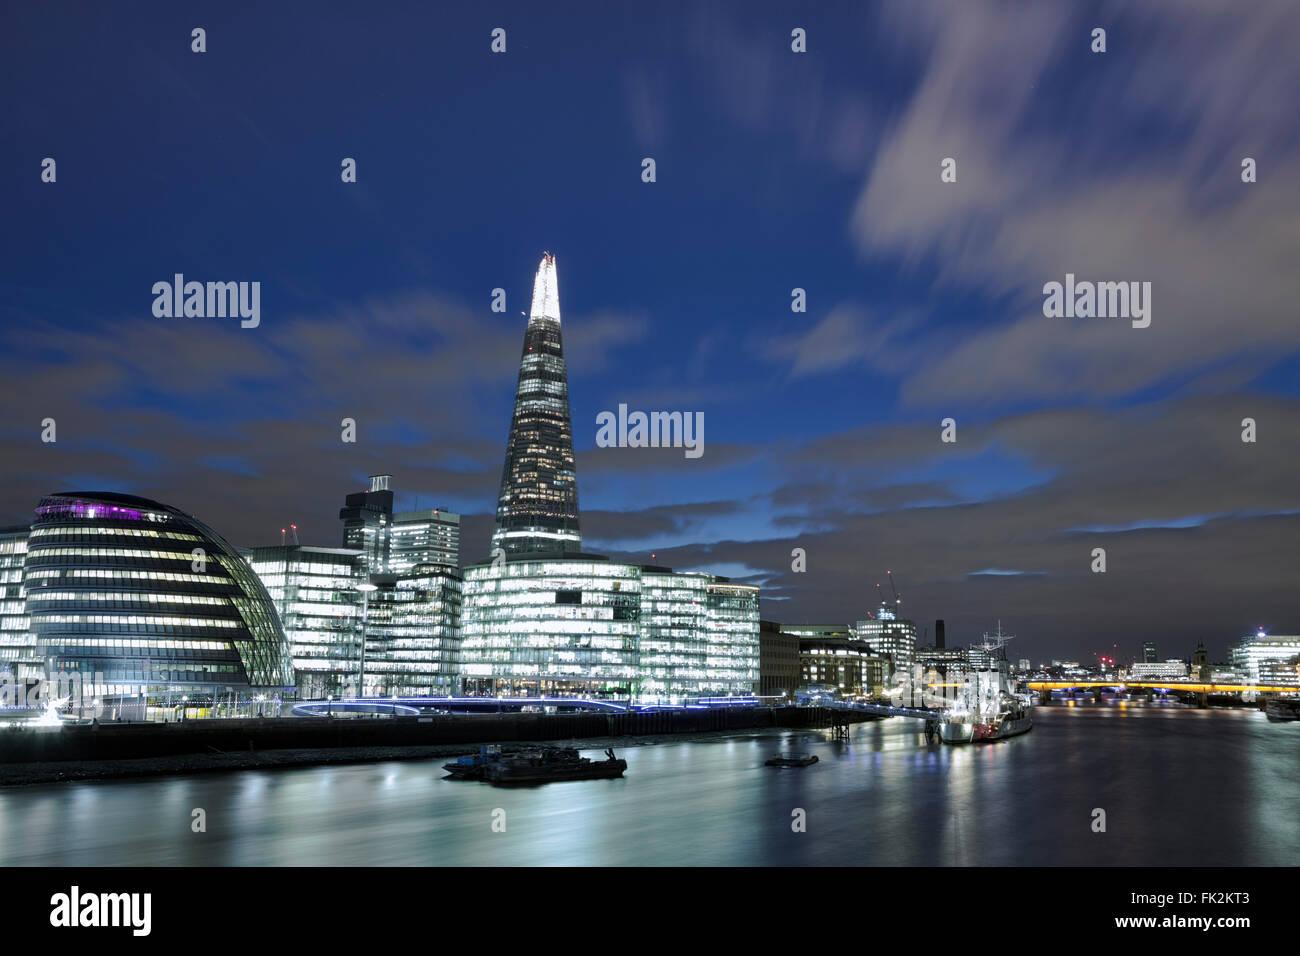 Vista de la orilla sur del Támesis en Southwark en la noche mostrando el Ayuntamiento y el Shard Imagen De Stock